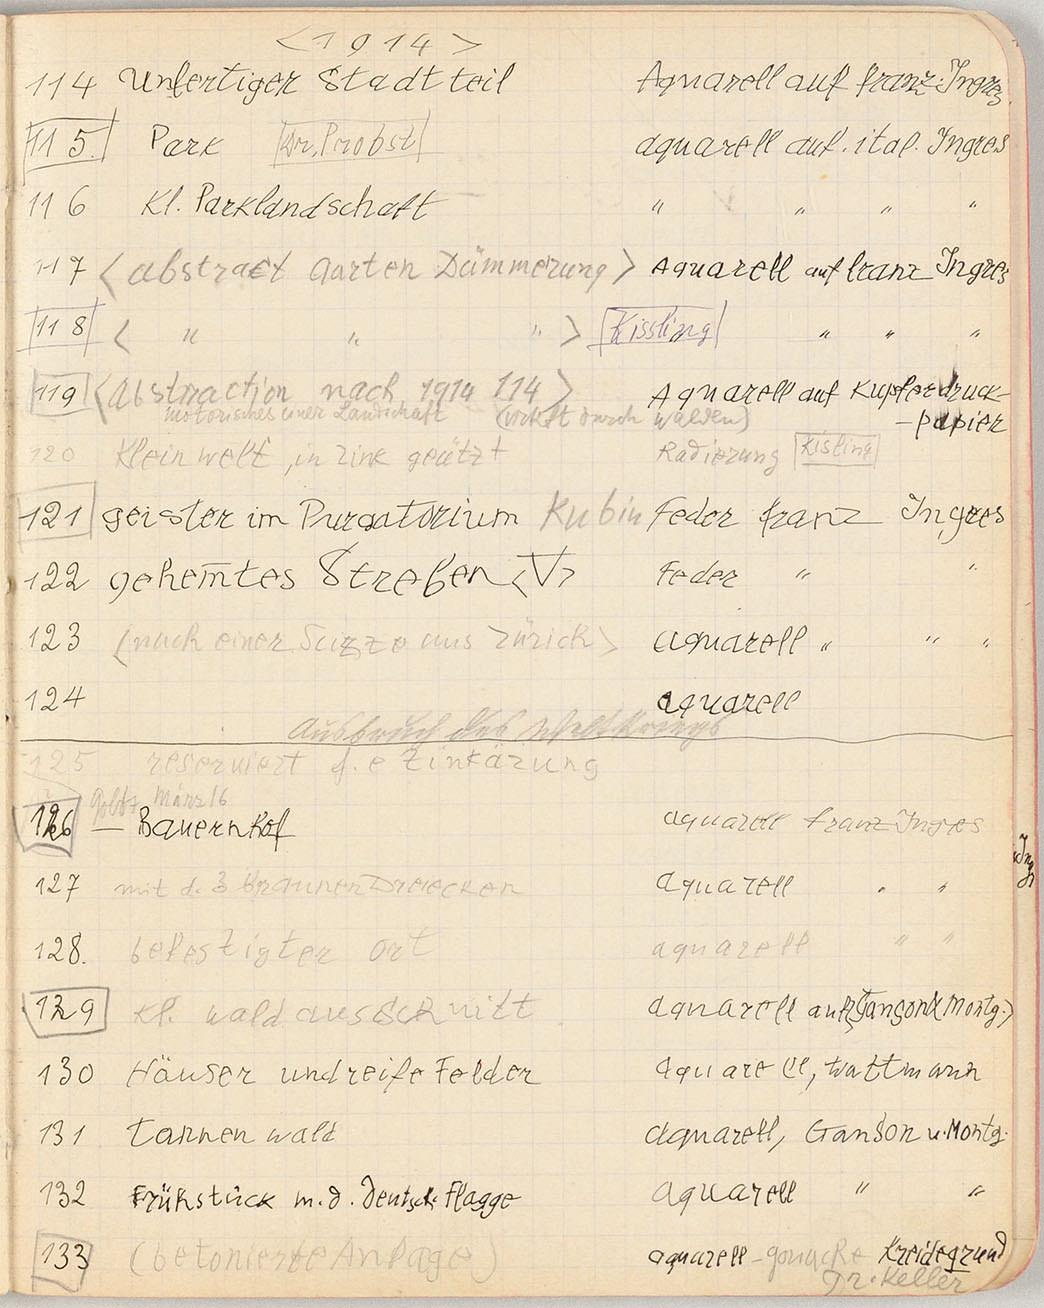 Abb.27 Paul Klee, Œuvre-Katalog 1883-1917, 1914, 114-133 [S. 89], Zentrum Paul Klee, Bern © Zentrum Paul Klee, Bern, Bildarchiv